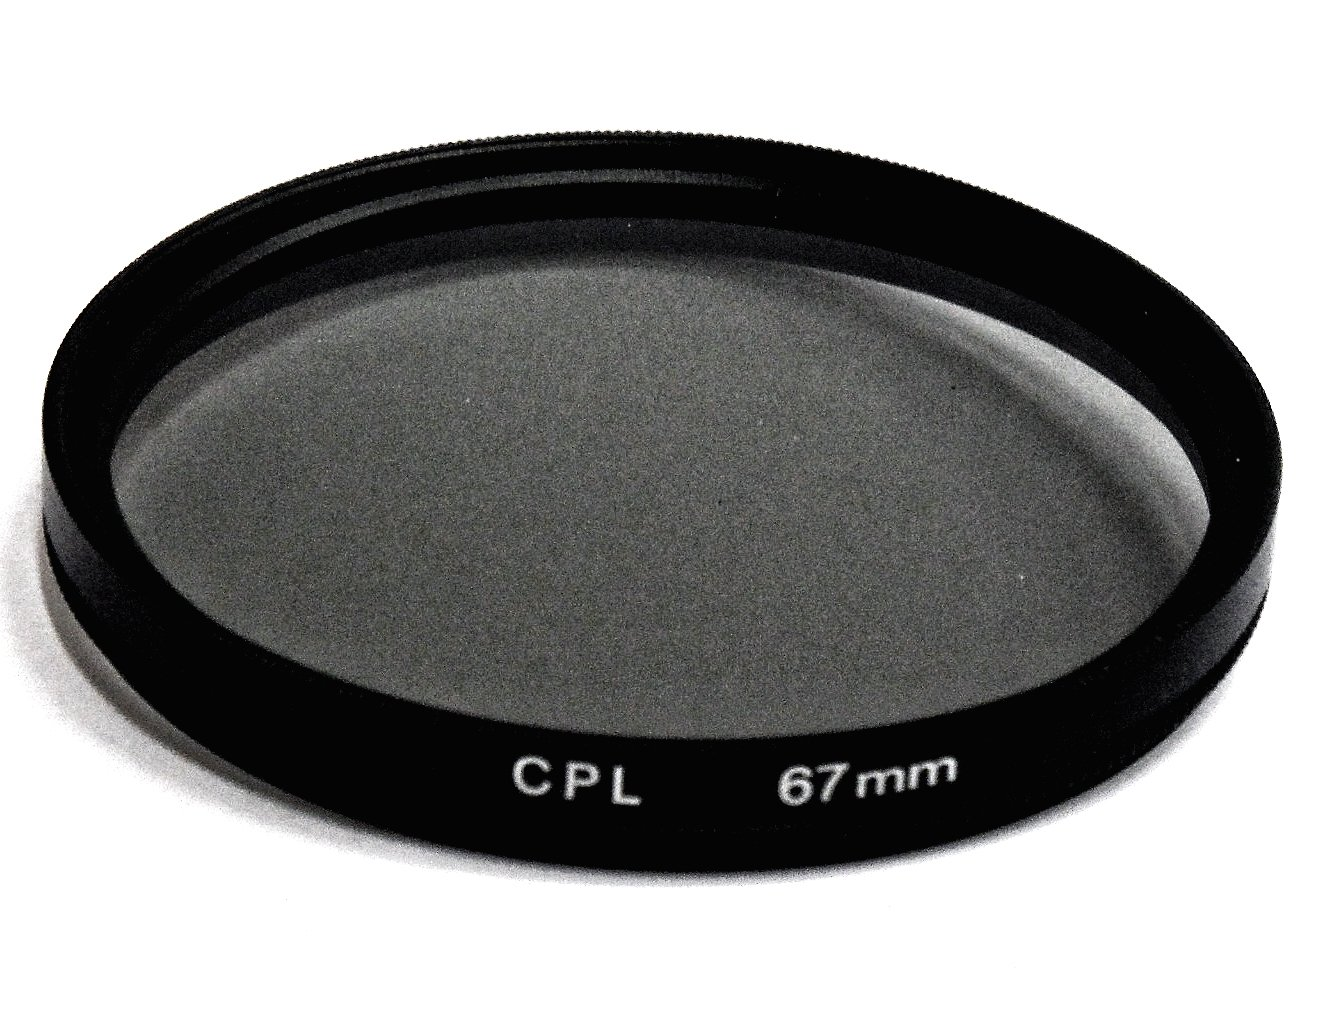 JJC filtr polarizační cirkulární 67 mm - doprodej